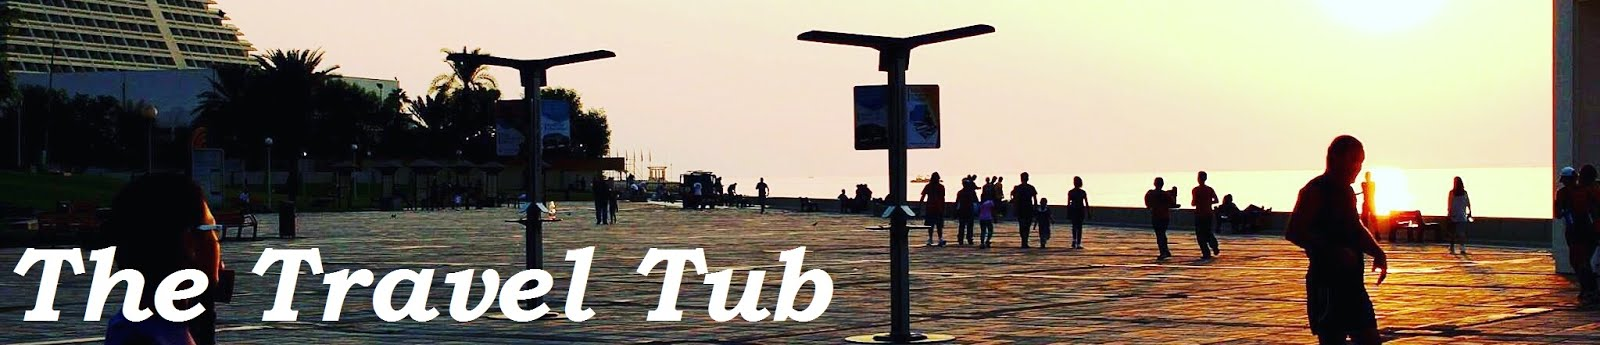 The Travel Tub